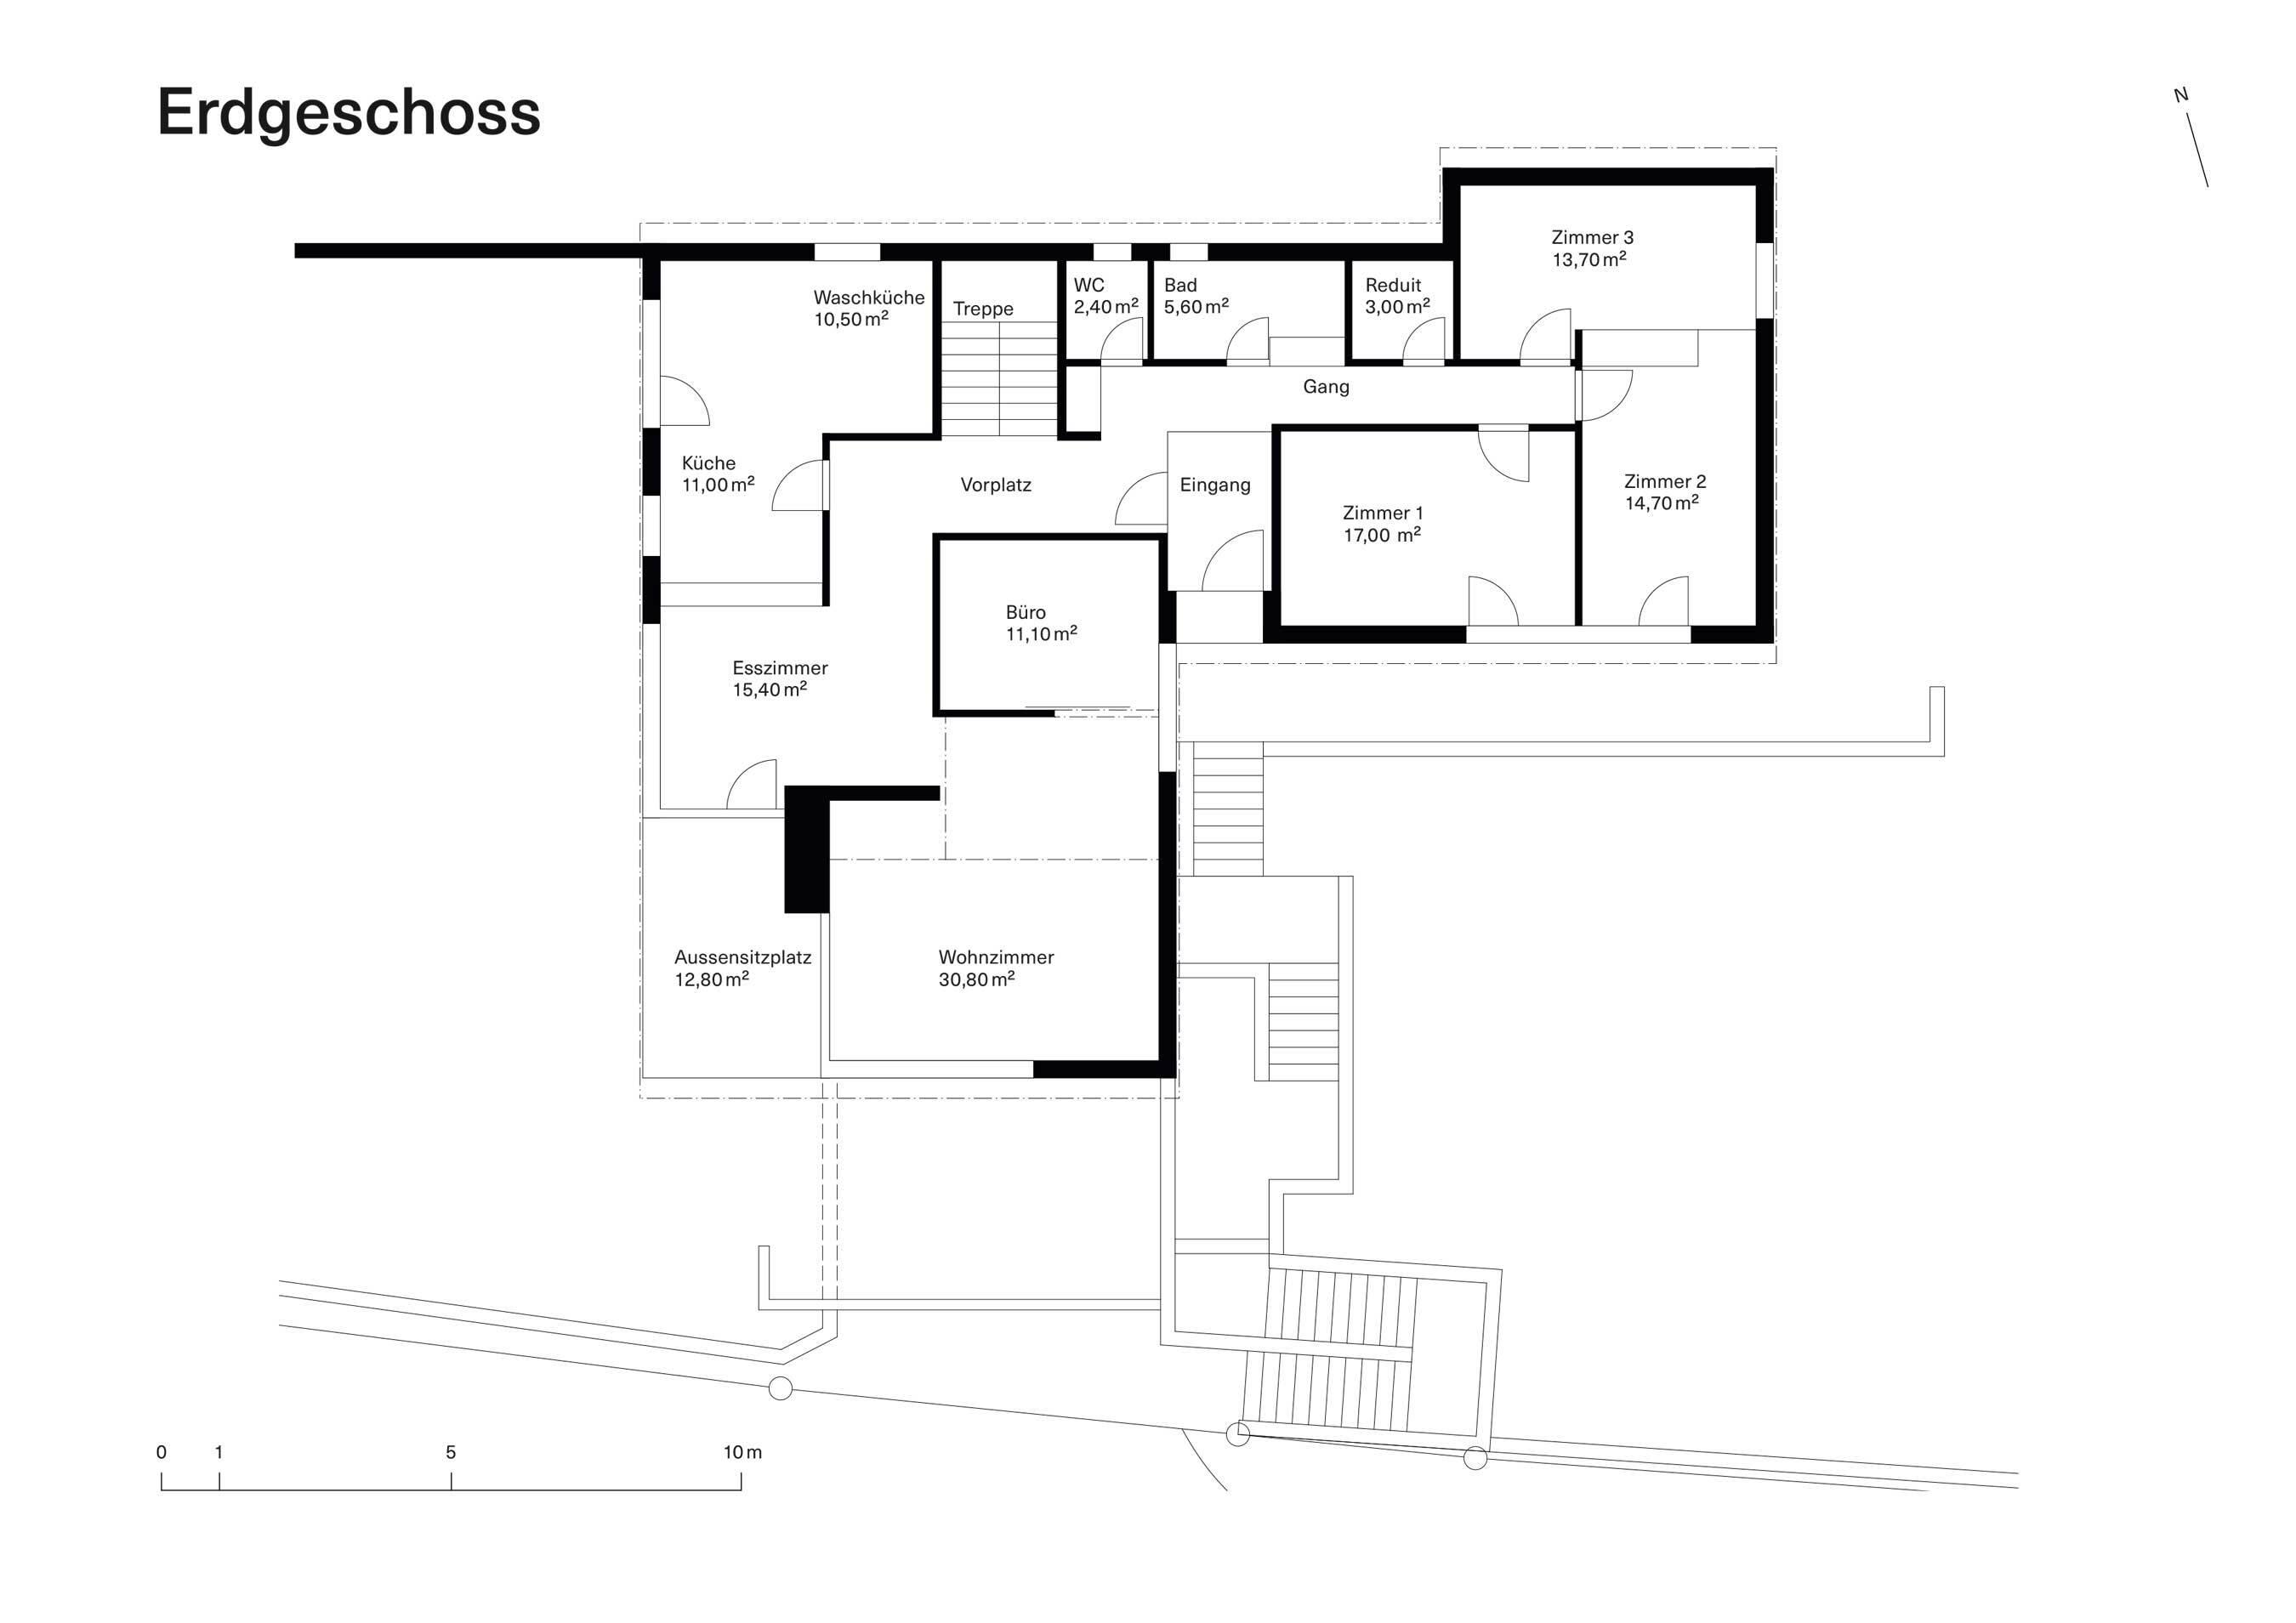 Vorstudie Bestand Erdgeschoss